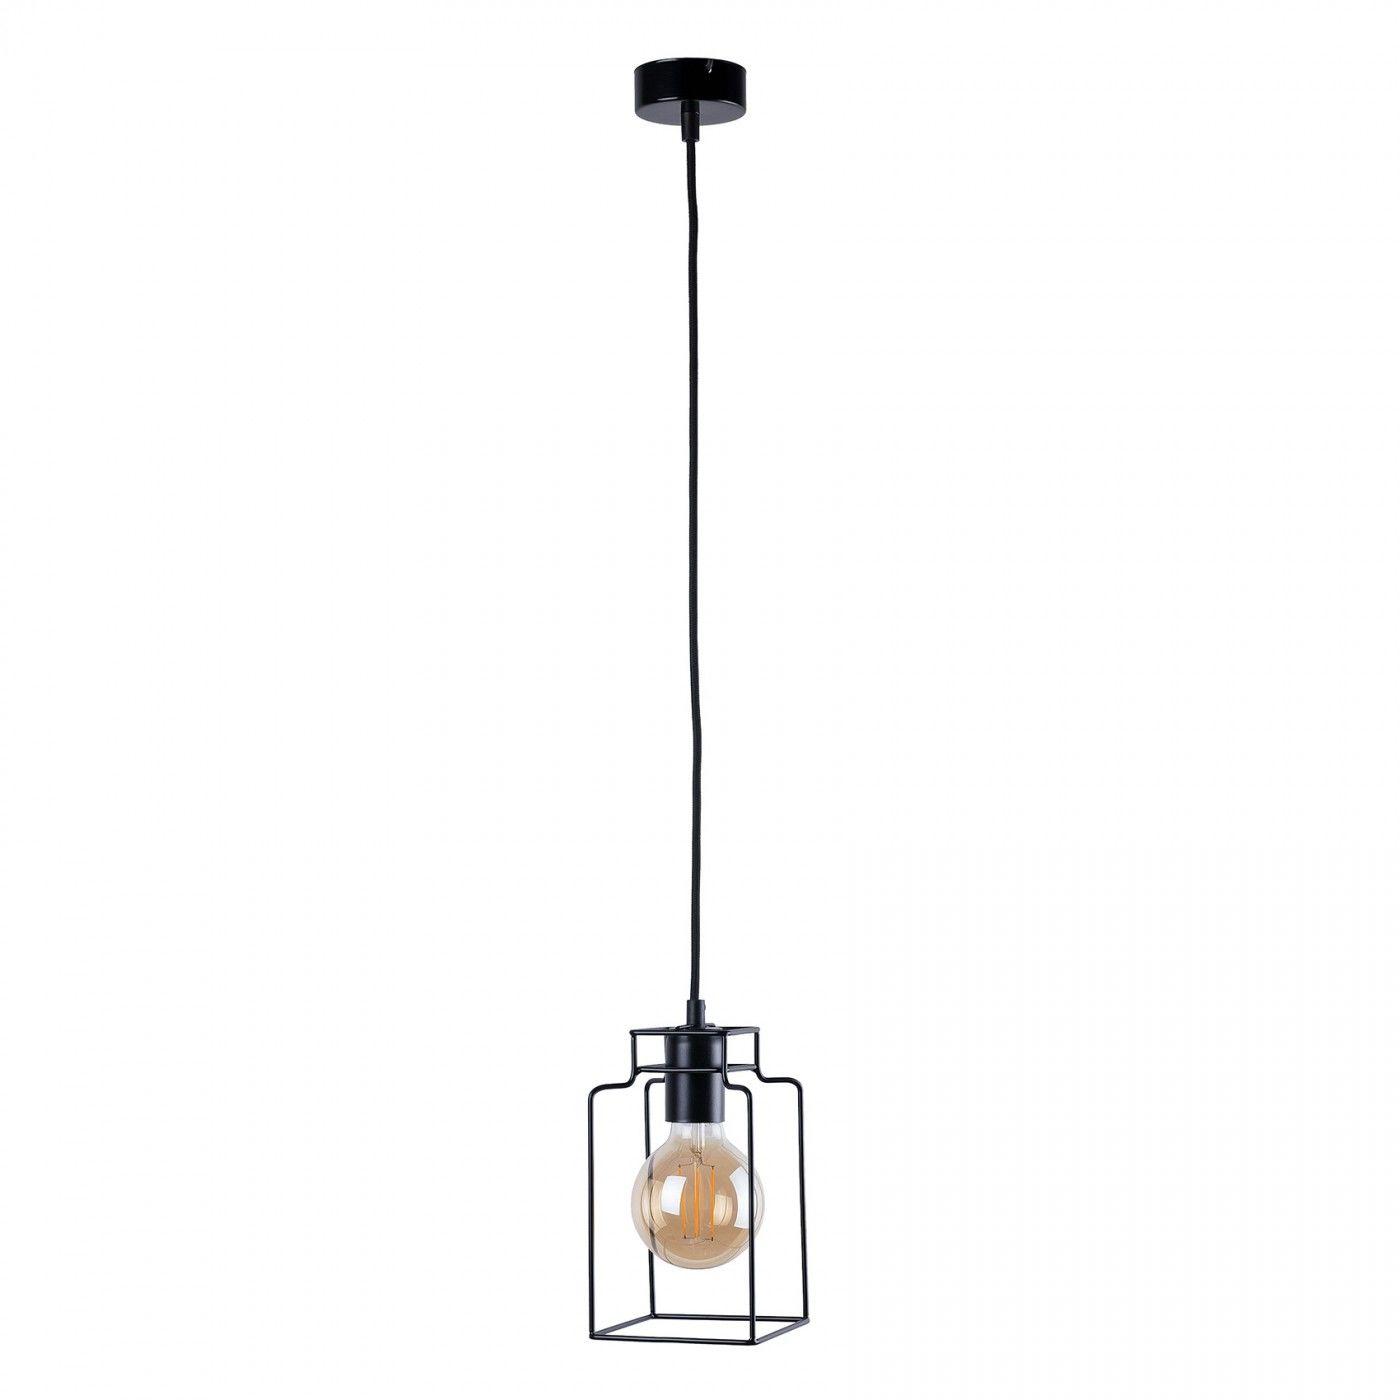 Lampa wisząca Fiord 9668 Nowodvorski Lighting pojedynczy czarny zwis w nowoczesnym stylu